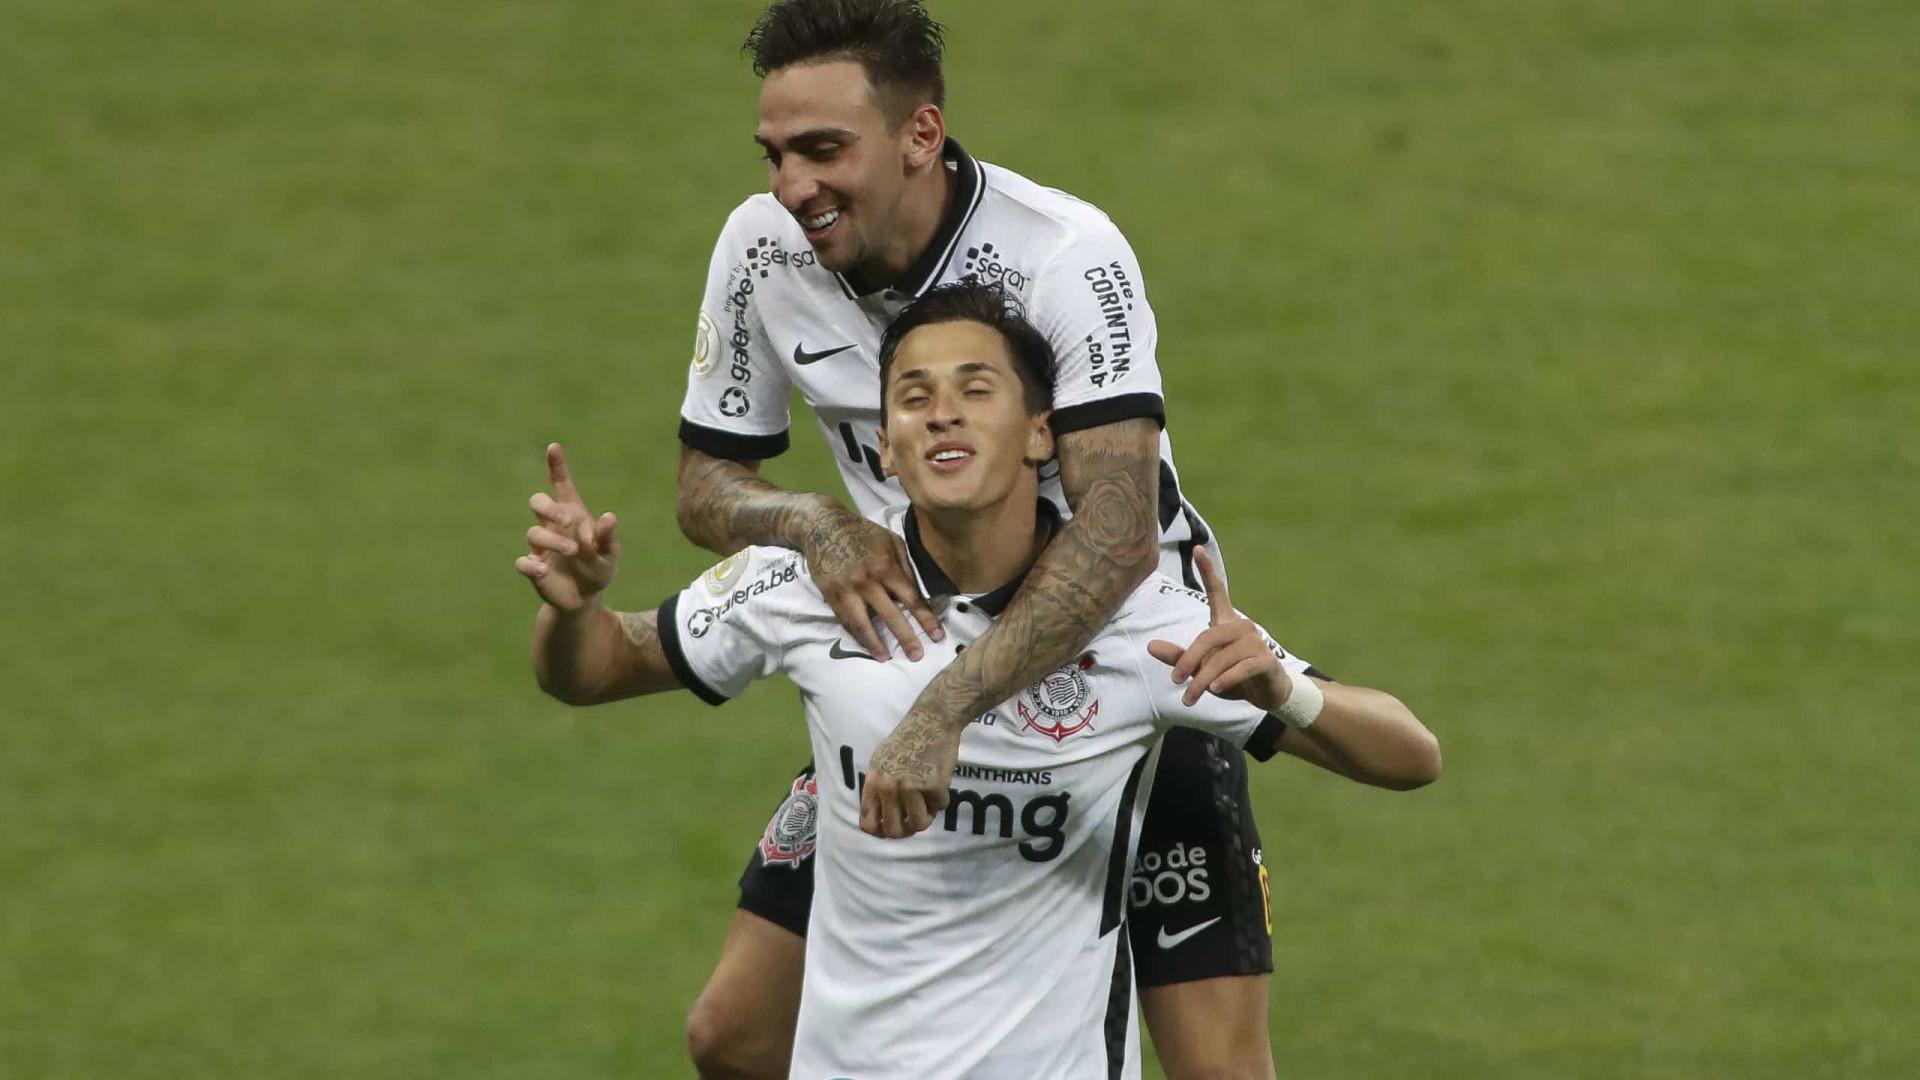 Após luto pelo pai, Mosquito volta aos treinamentos e pode reforçar o Corinthians